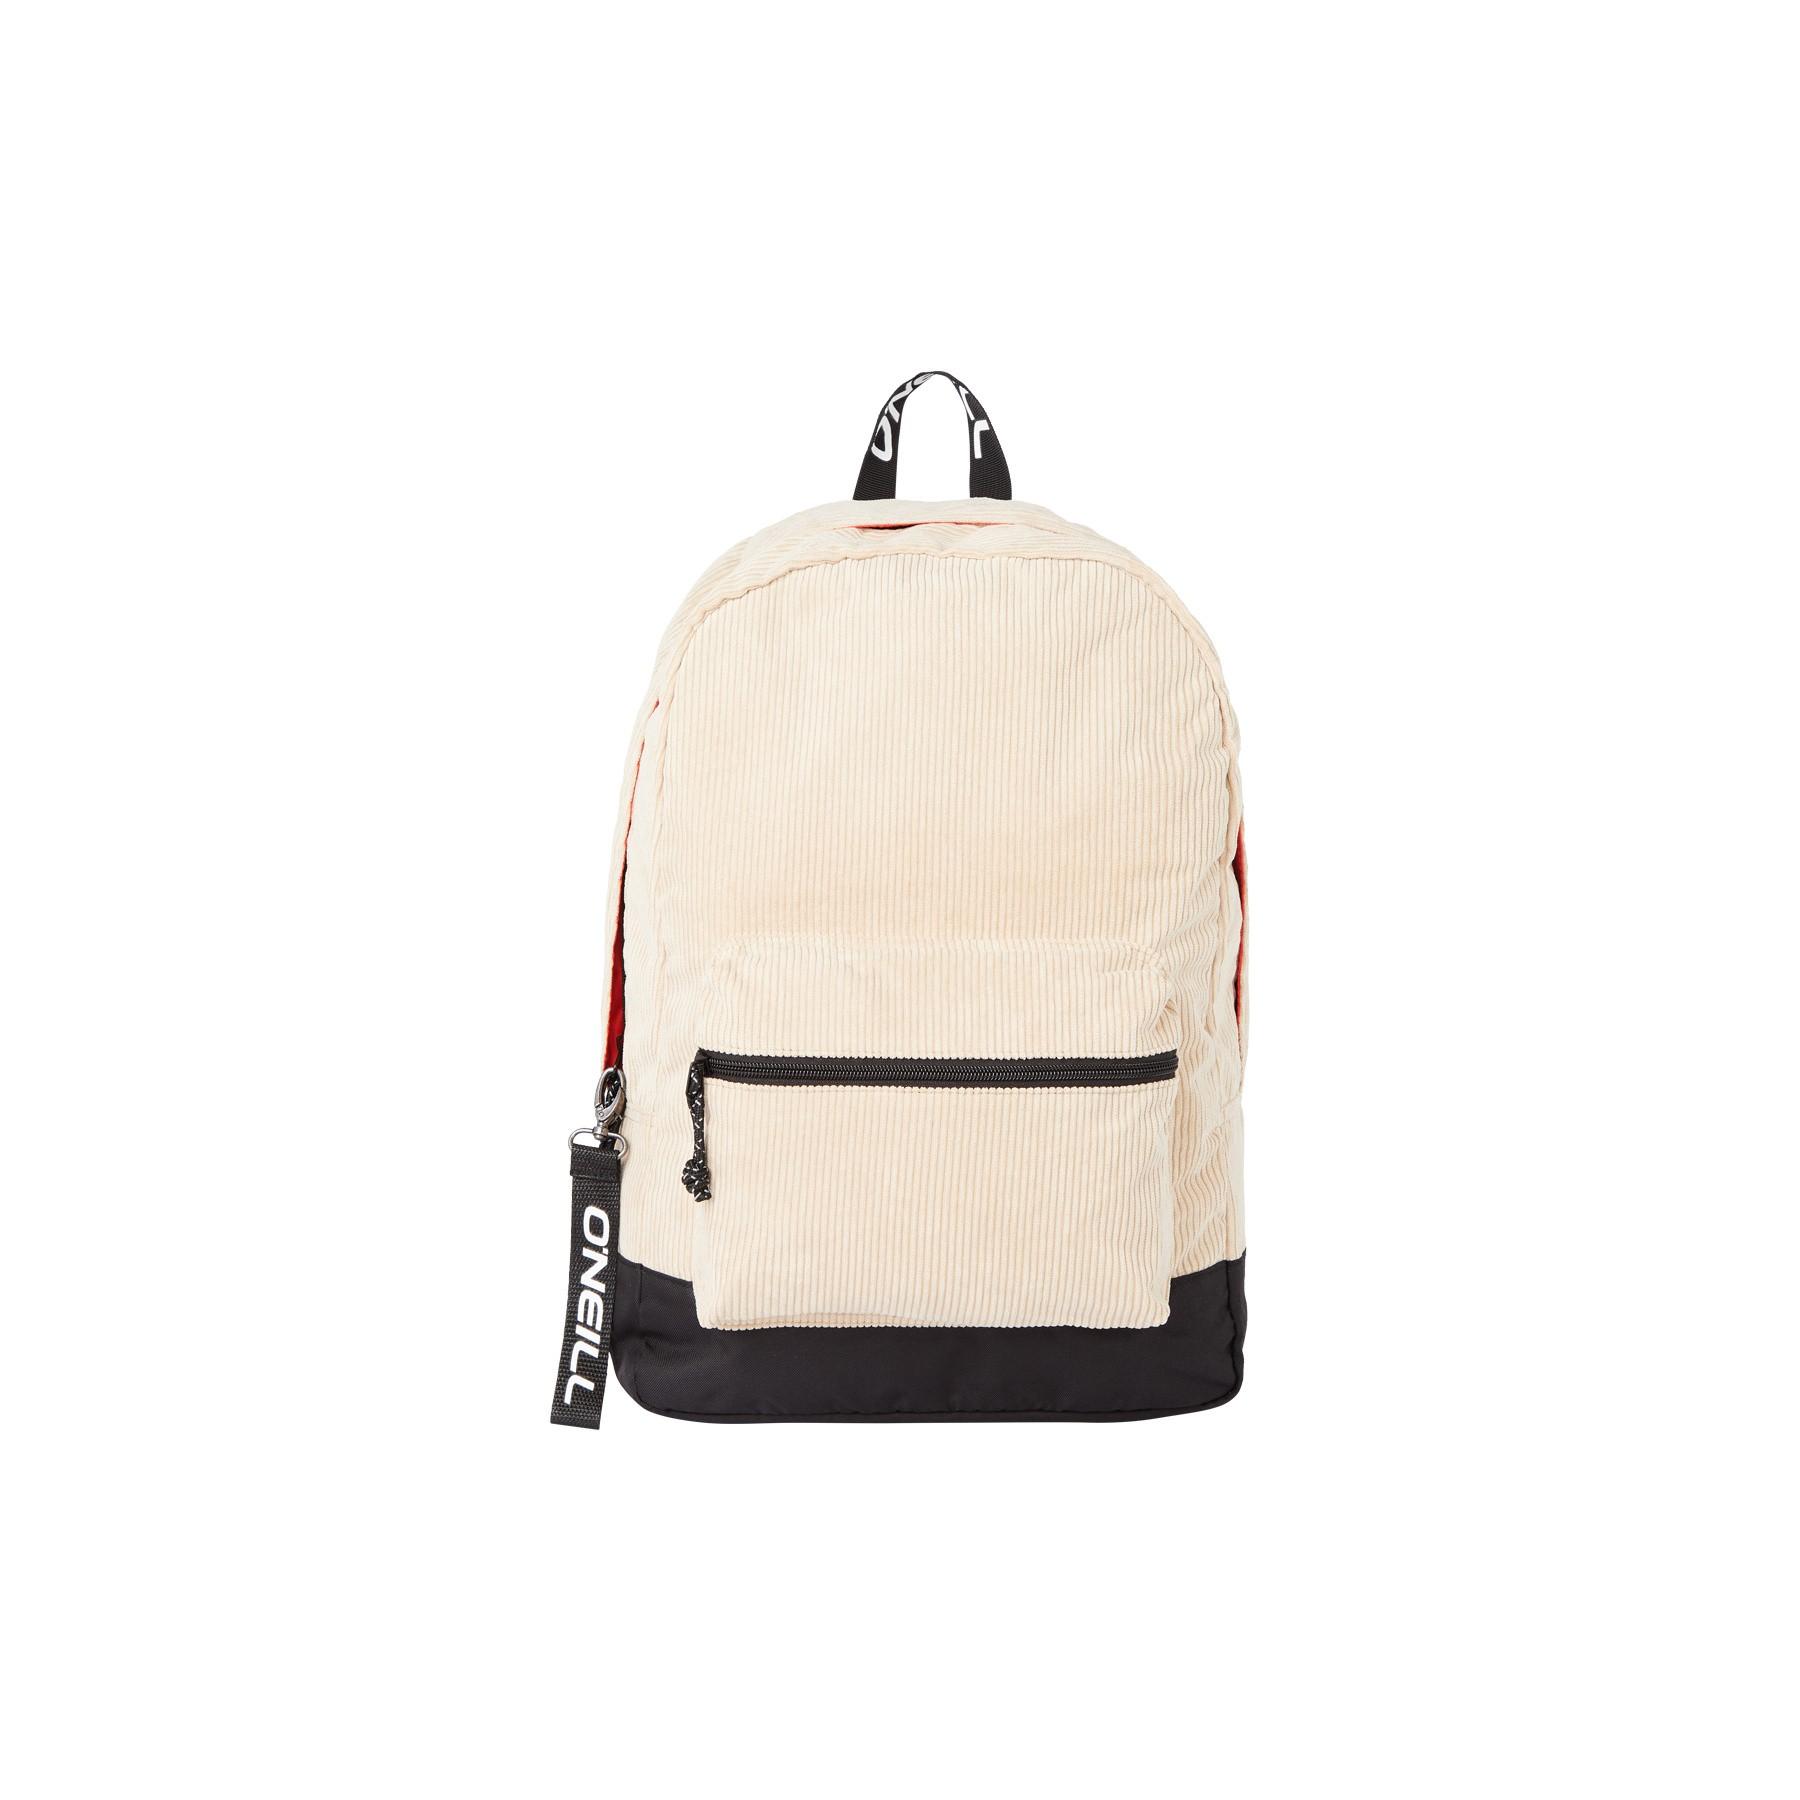 O'Neill Coastline Plus Backpack 7522 Chateau Gray